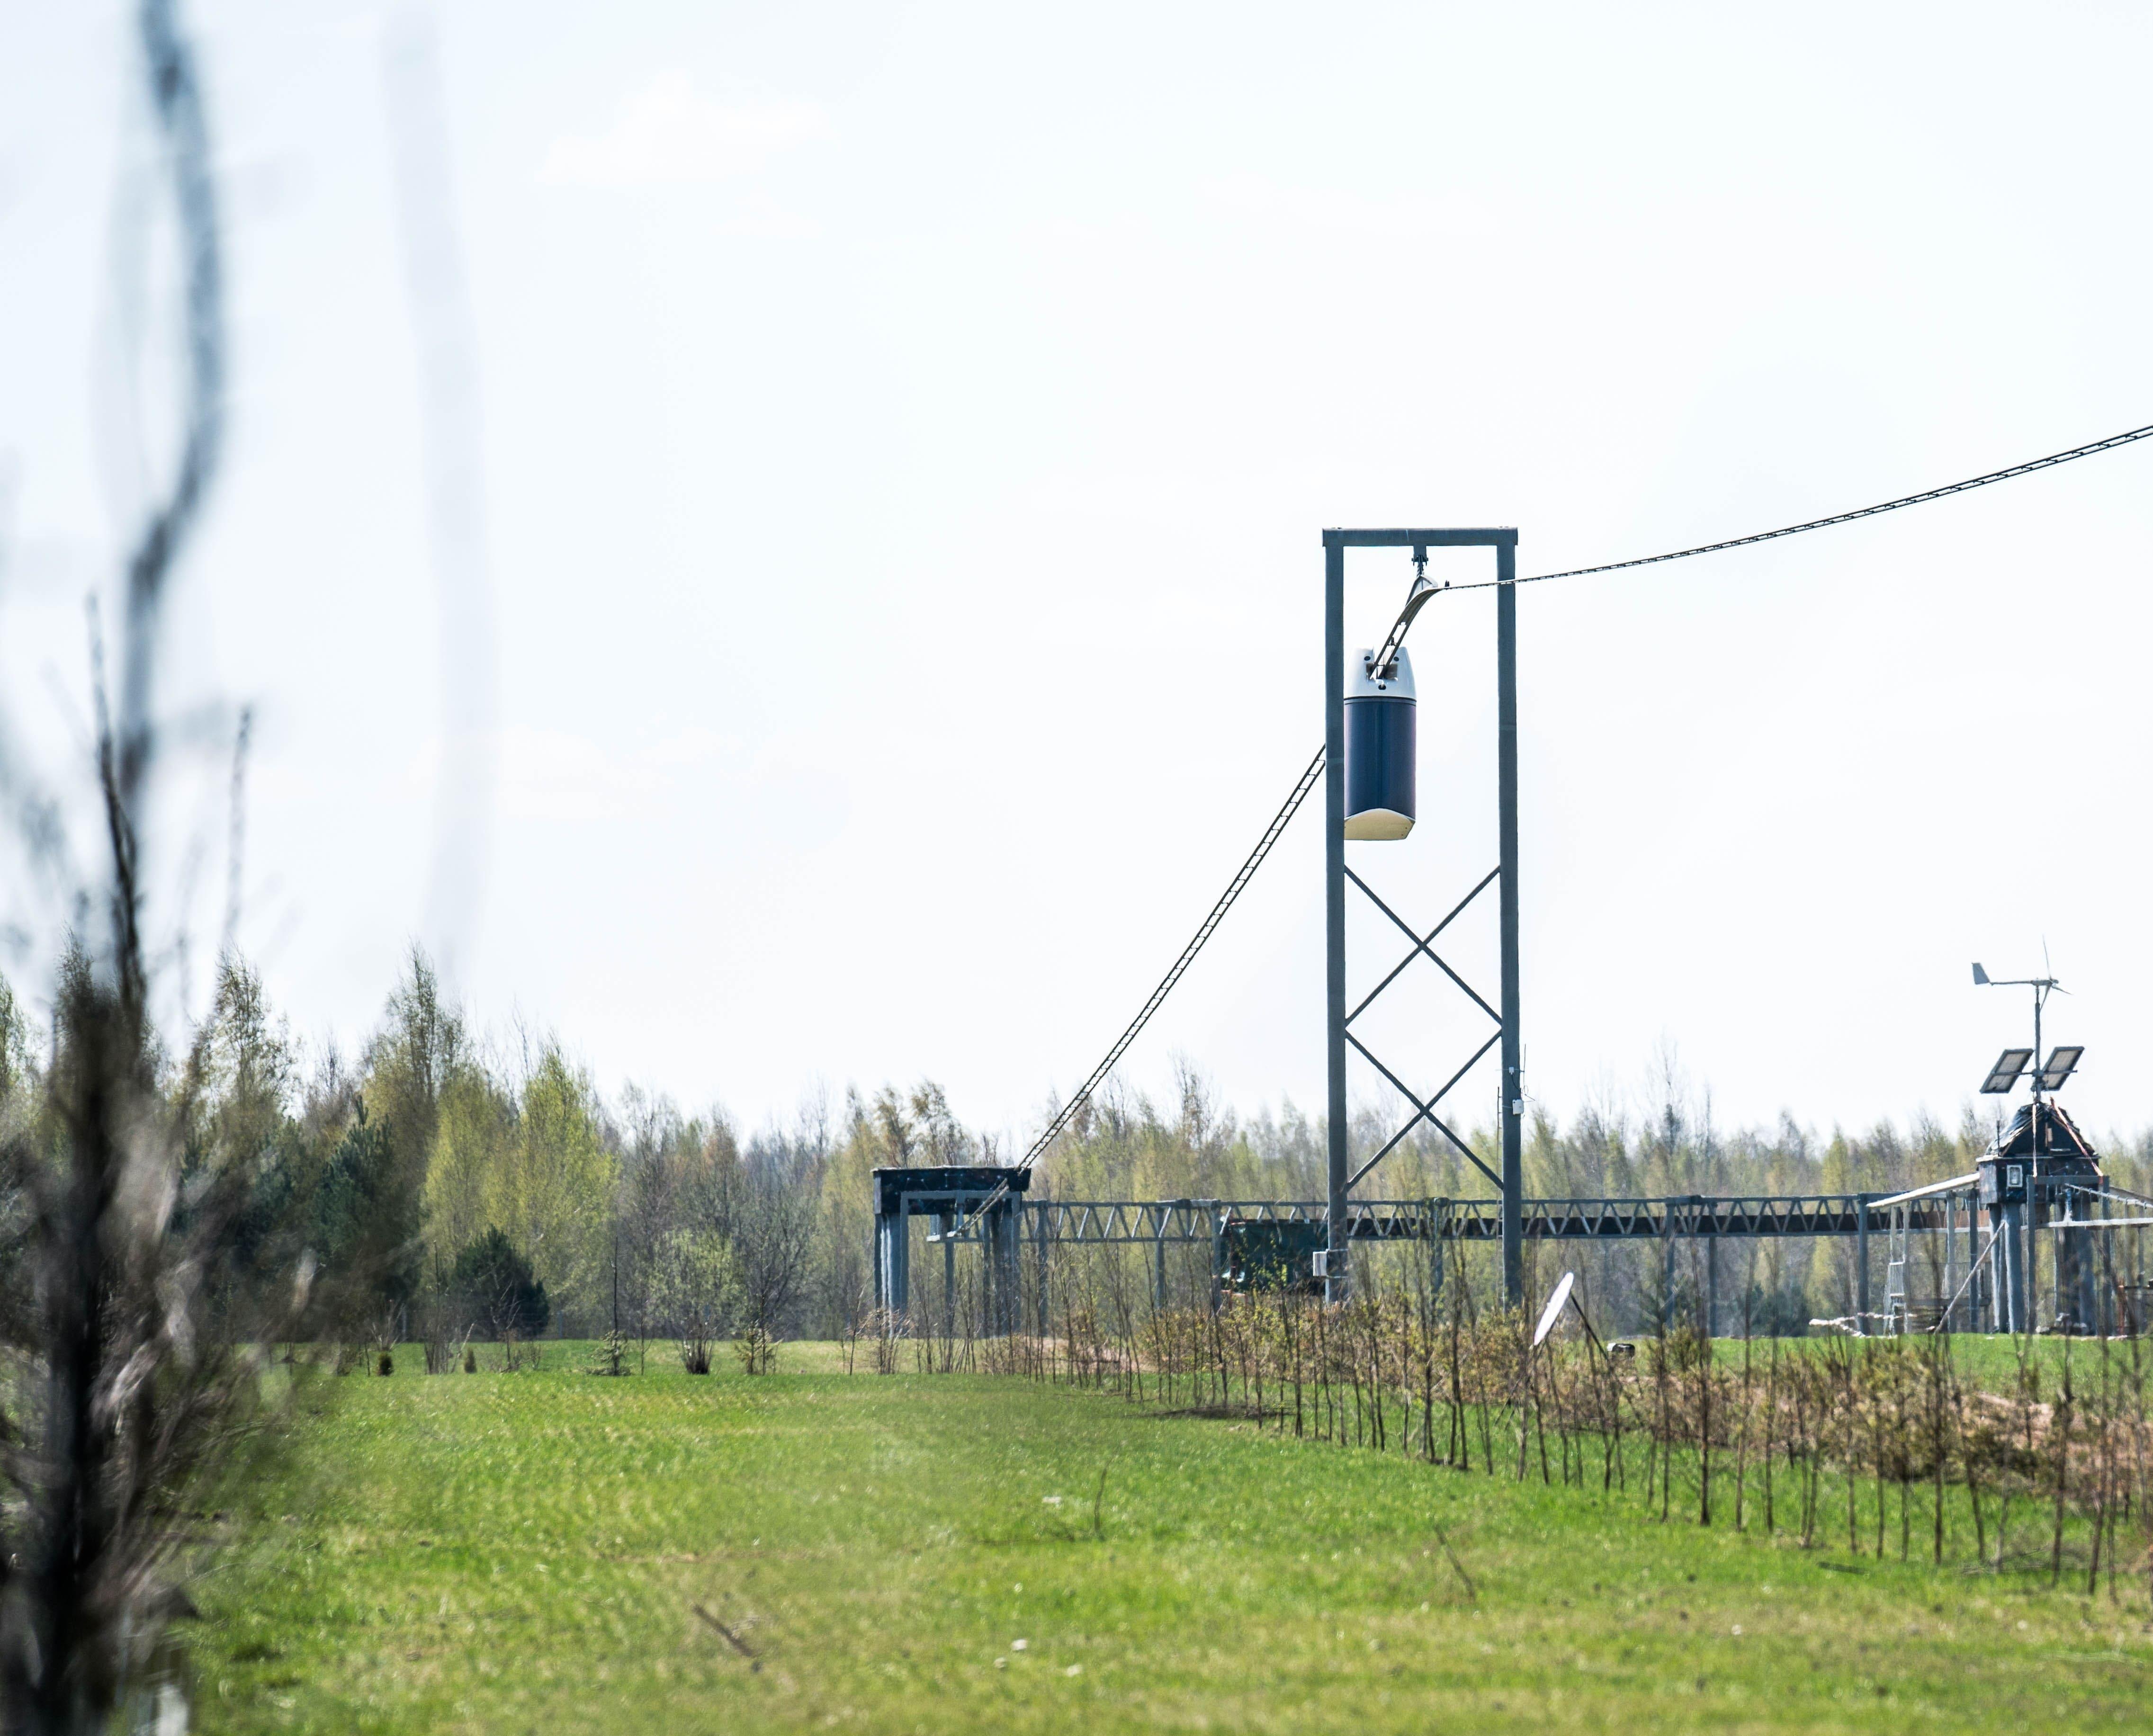 юнибус на провисающем пути в экотехнопарке скайвей (1)